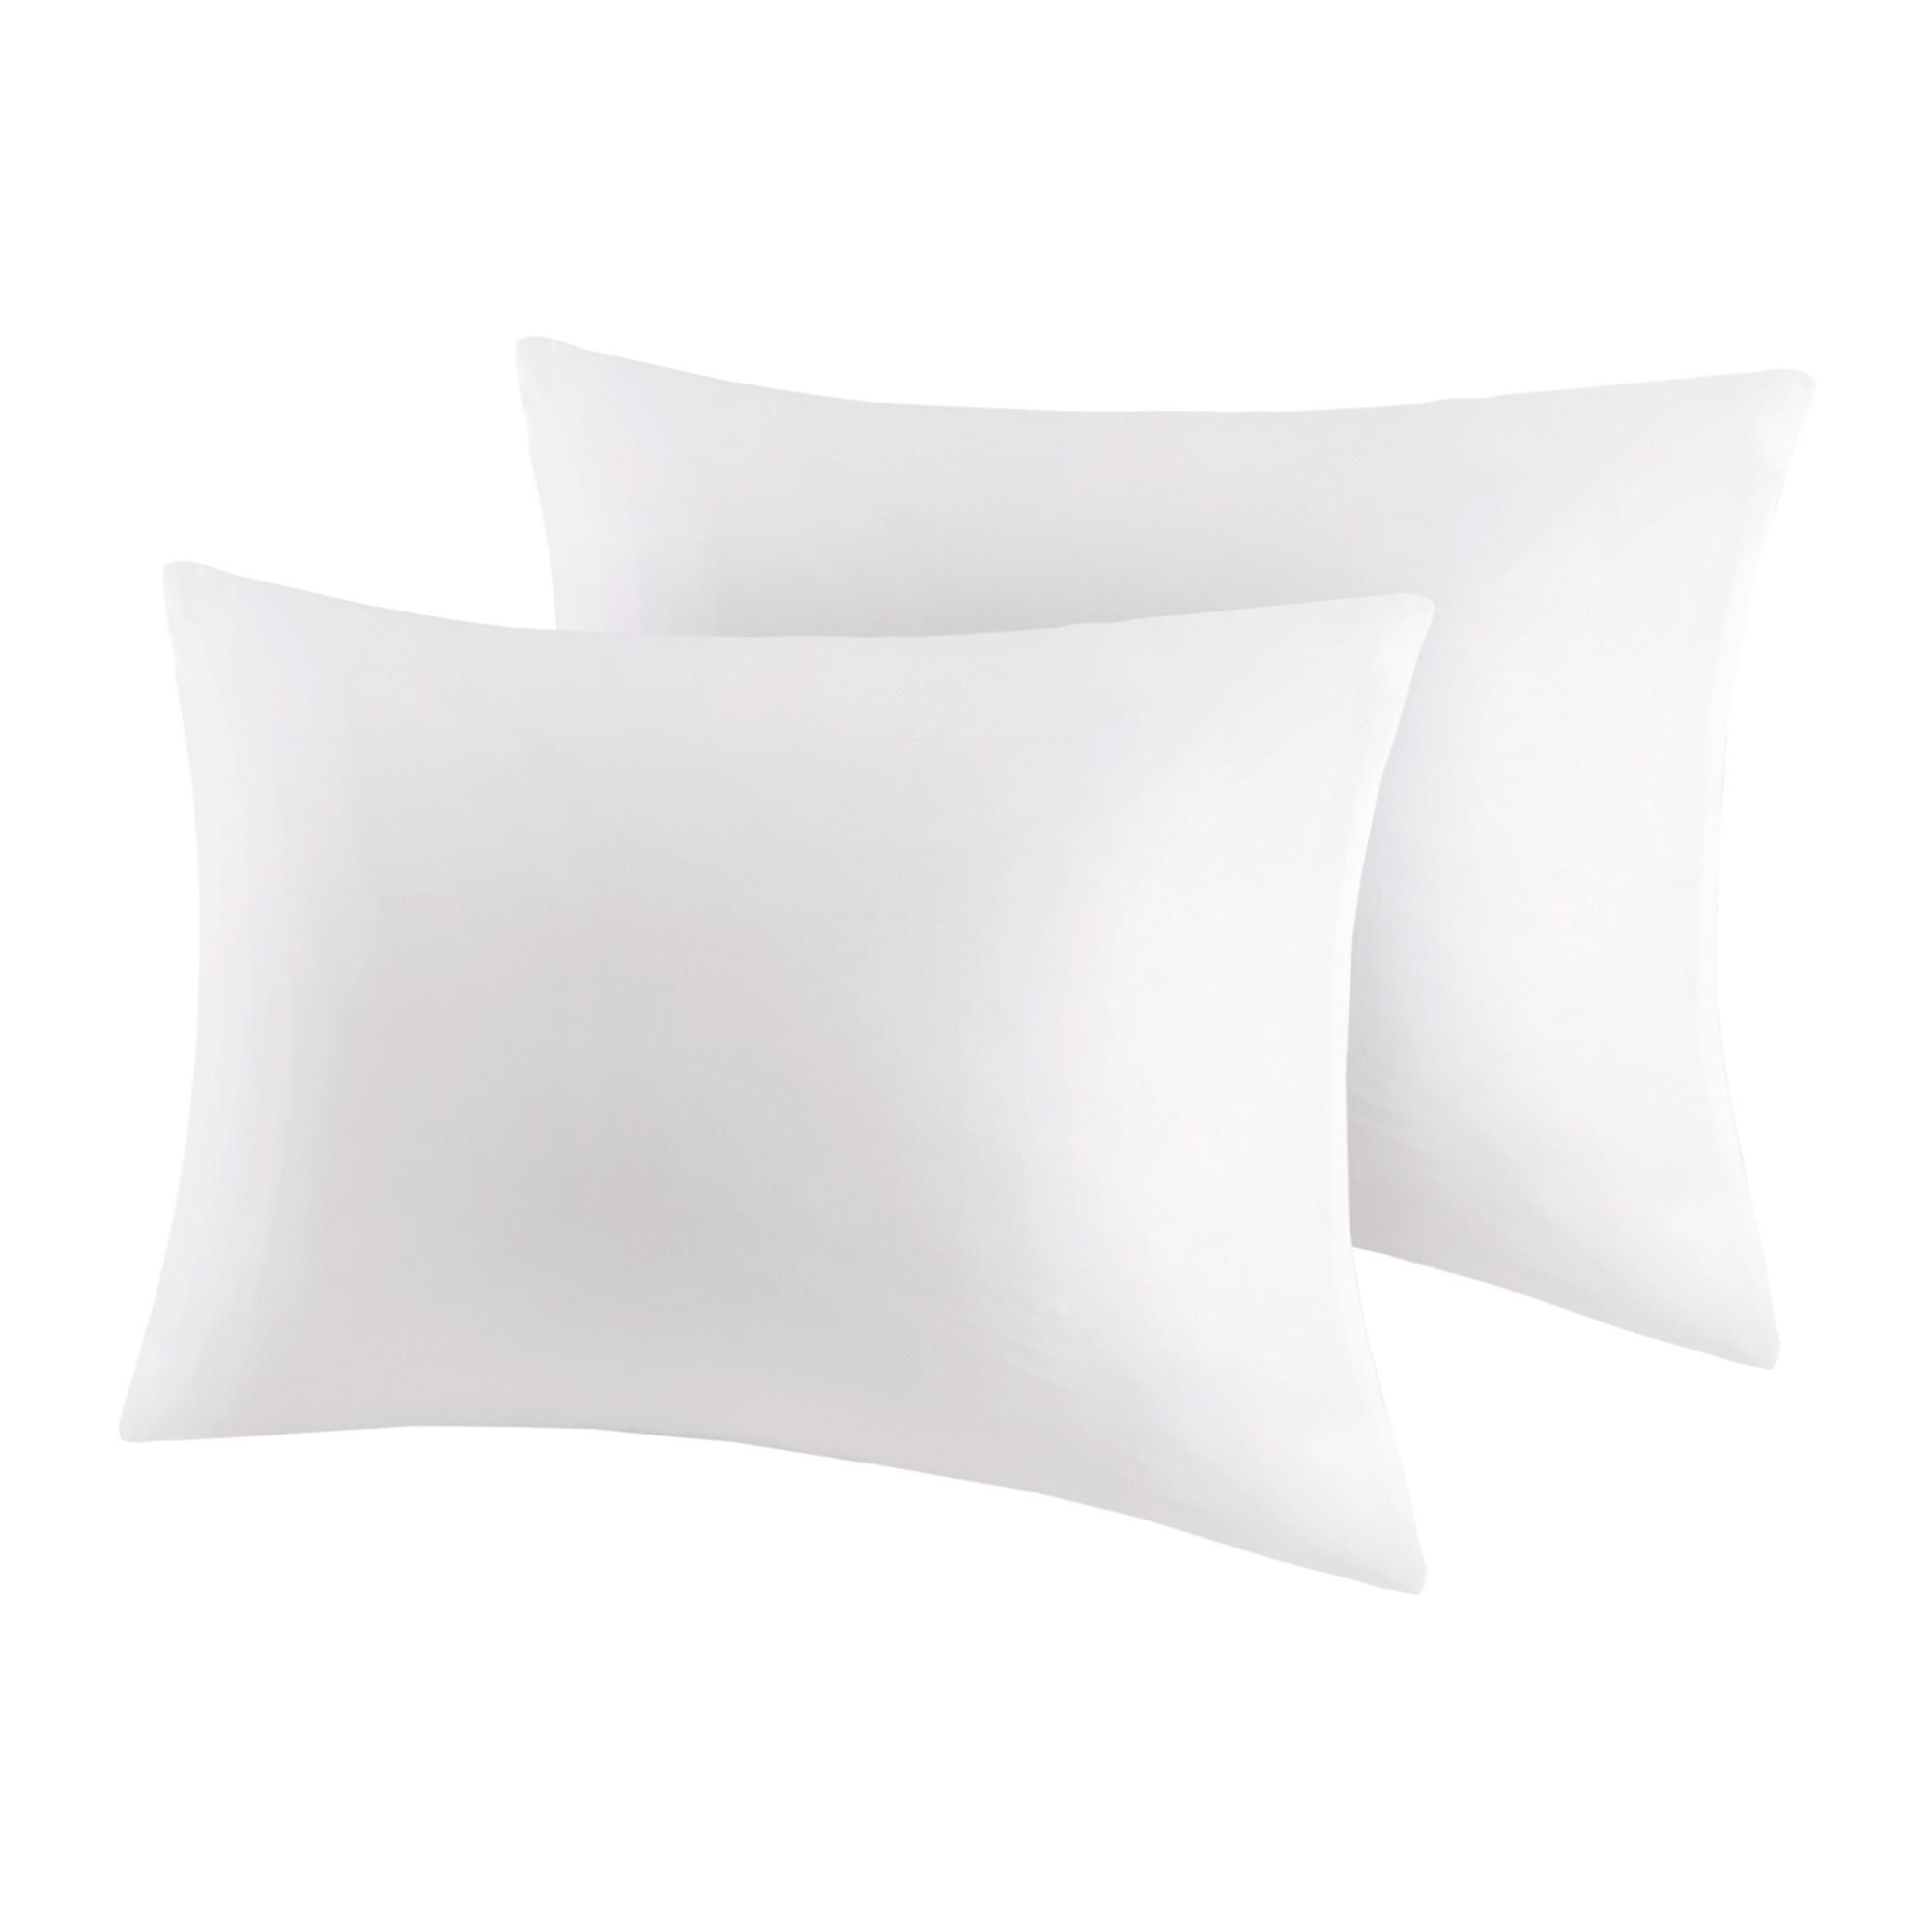 Bed Guardian 3M Scotchgard 2Pk Pillow Protector Set